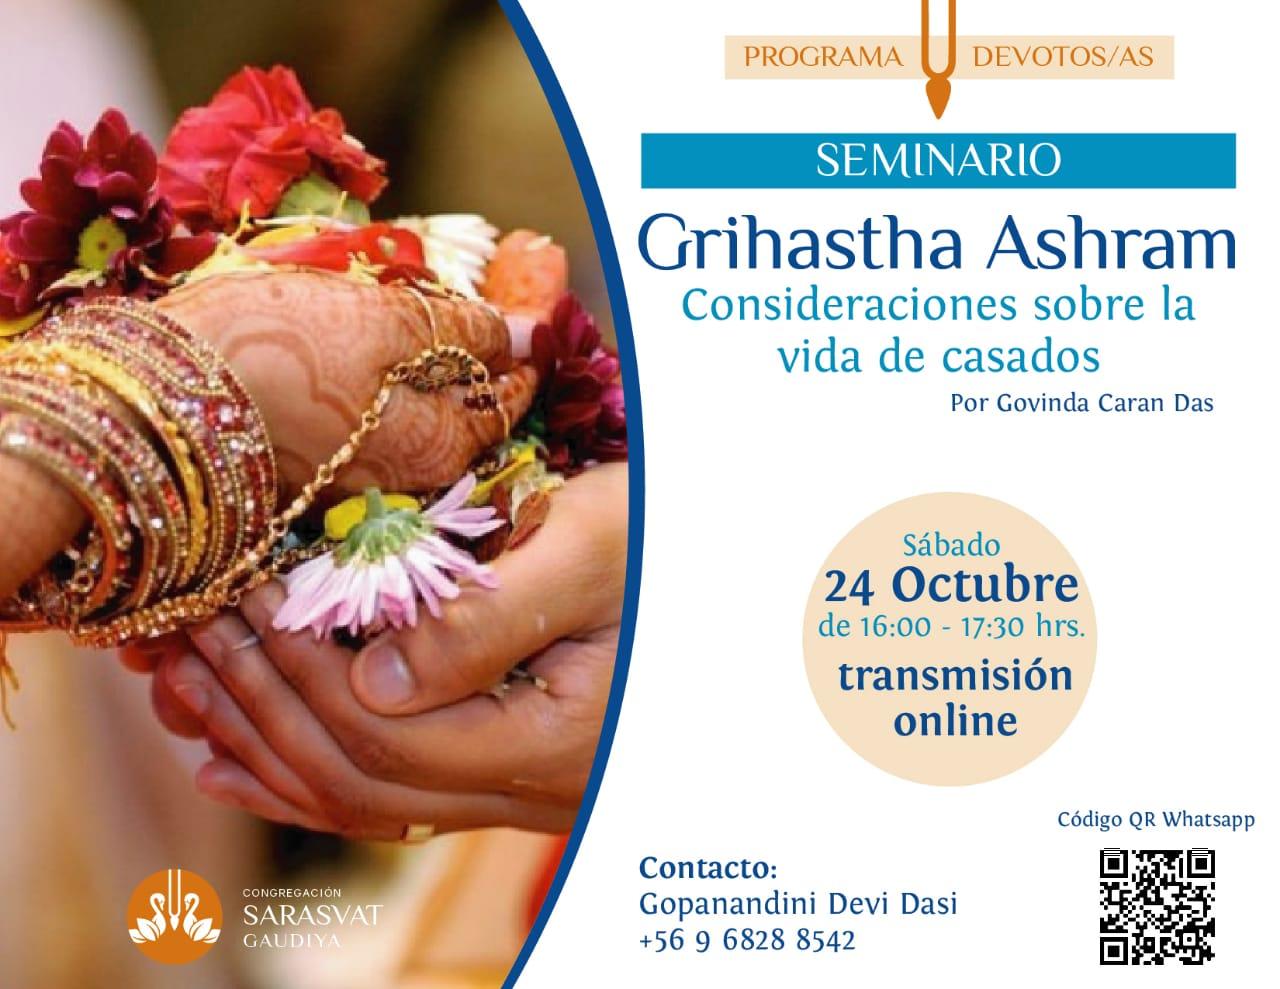 Grihastha Ashram